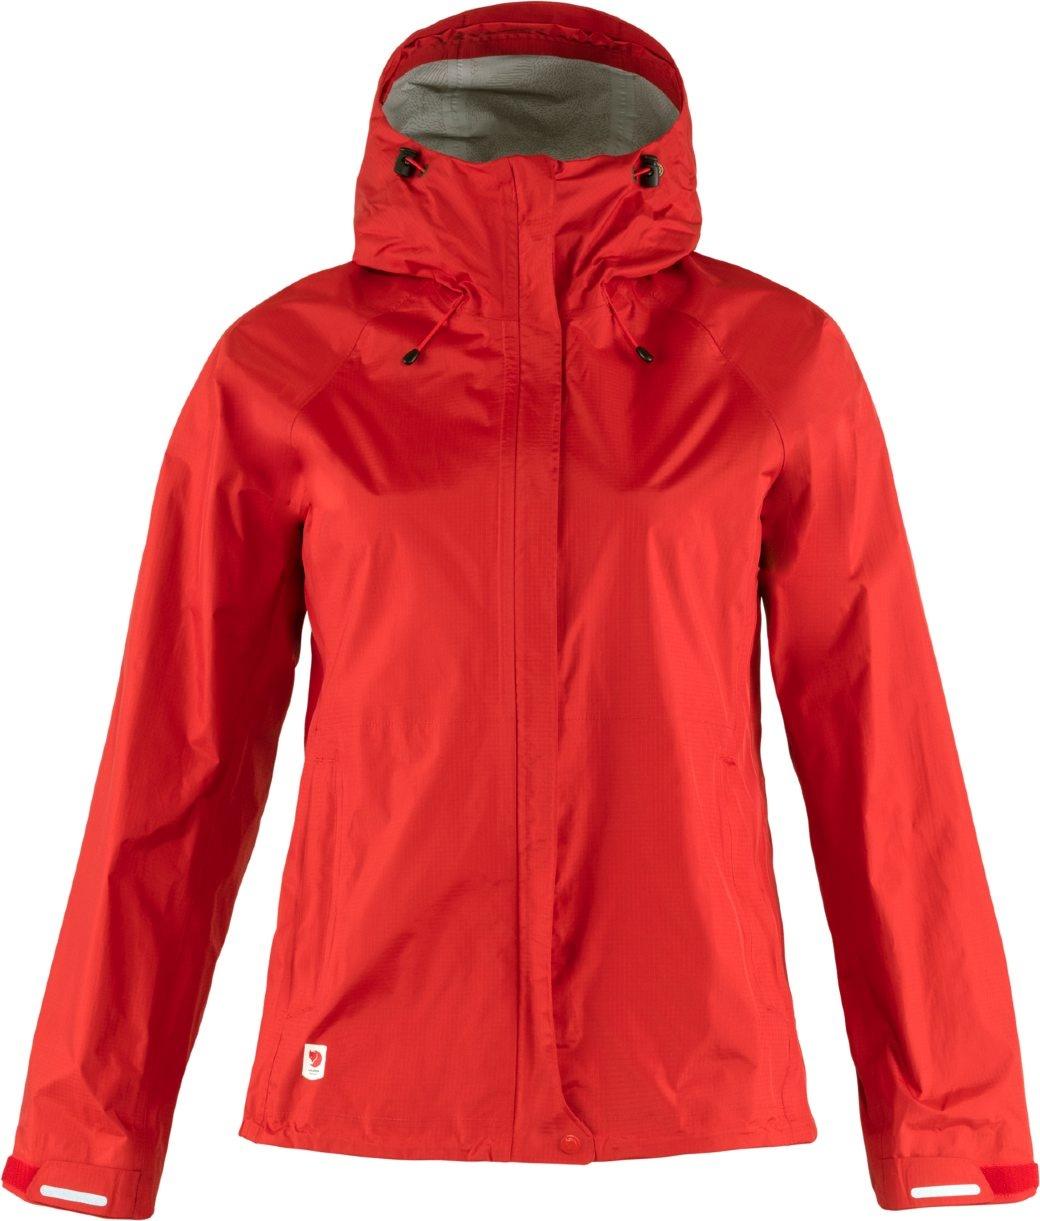 Fjällräven High Coast Hydratic Jacket W True Red-1